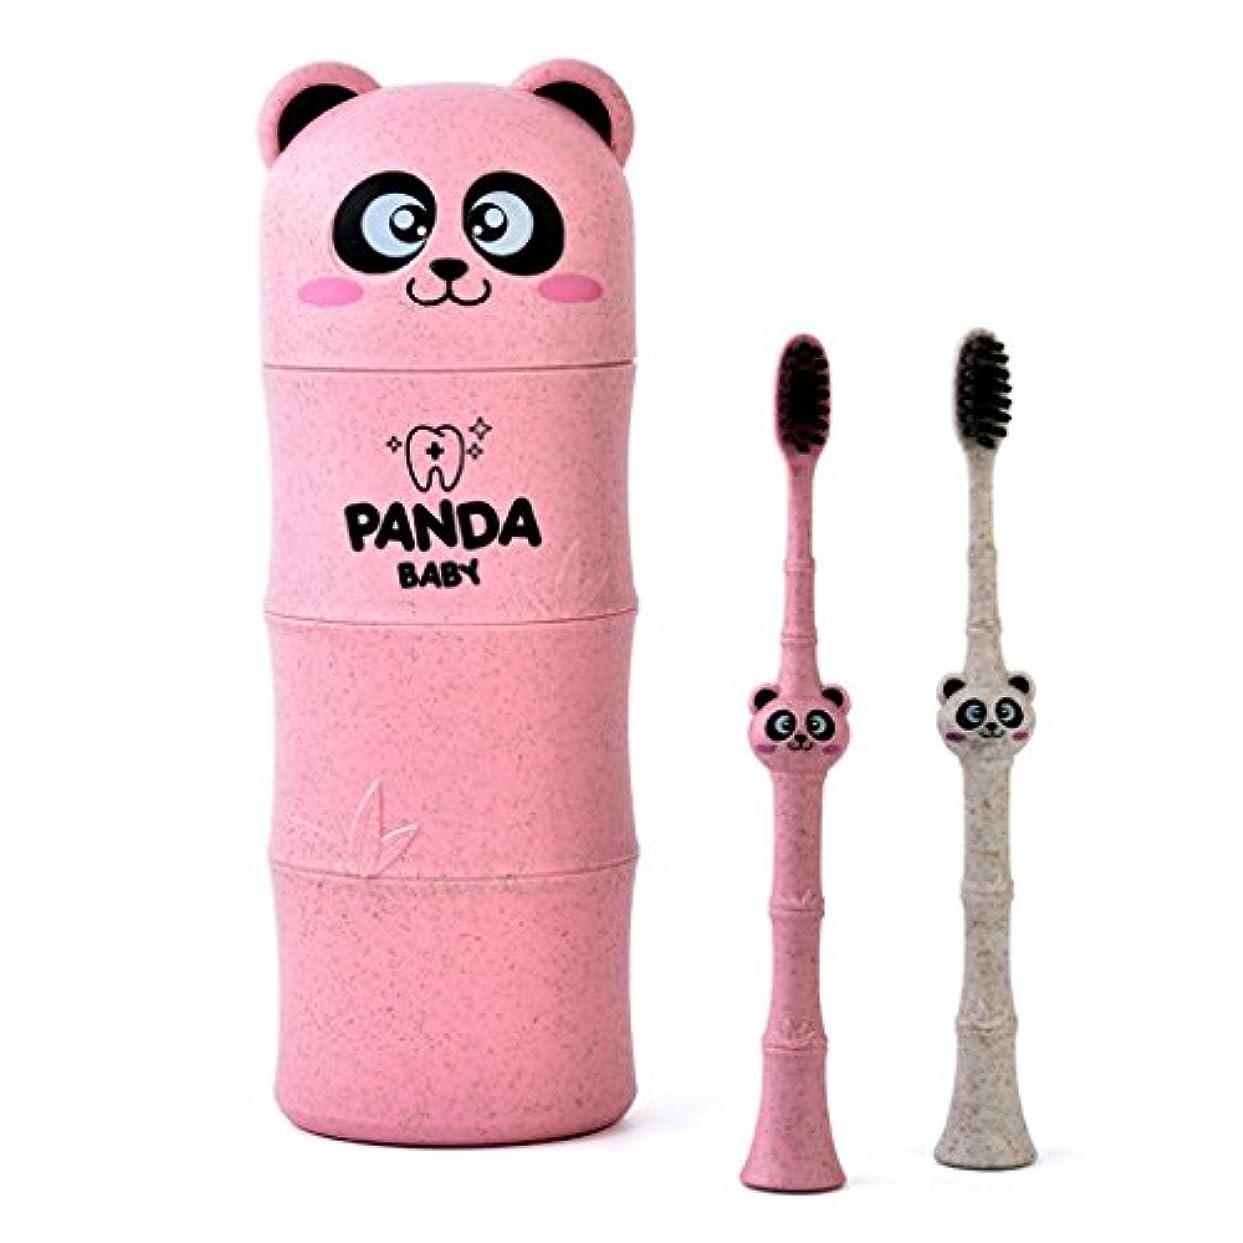 解体する著作権フラッシュのように素早くManyao 1セットベビー歯ブラシ小麦ストロー漫画パンダ幼児子供歯科口腔ケア (ピンク)